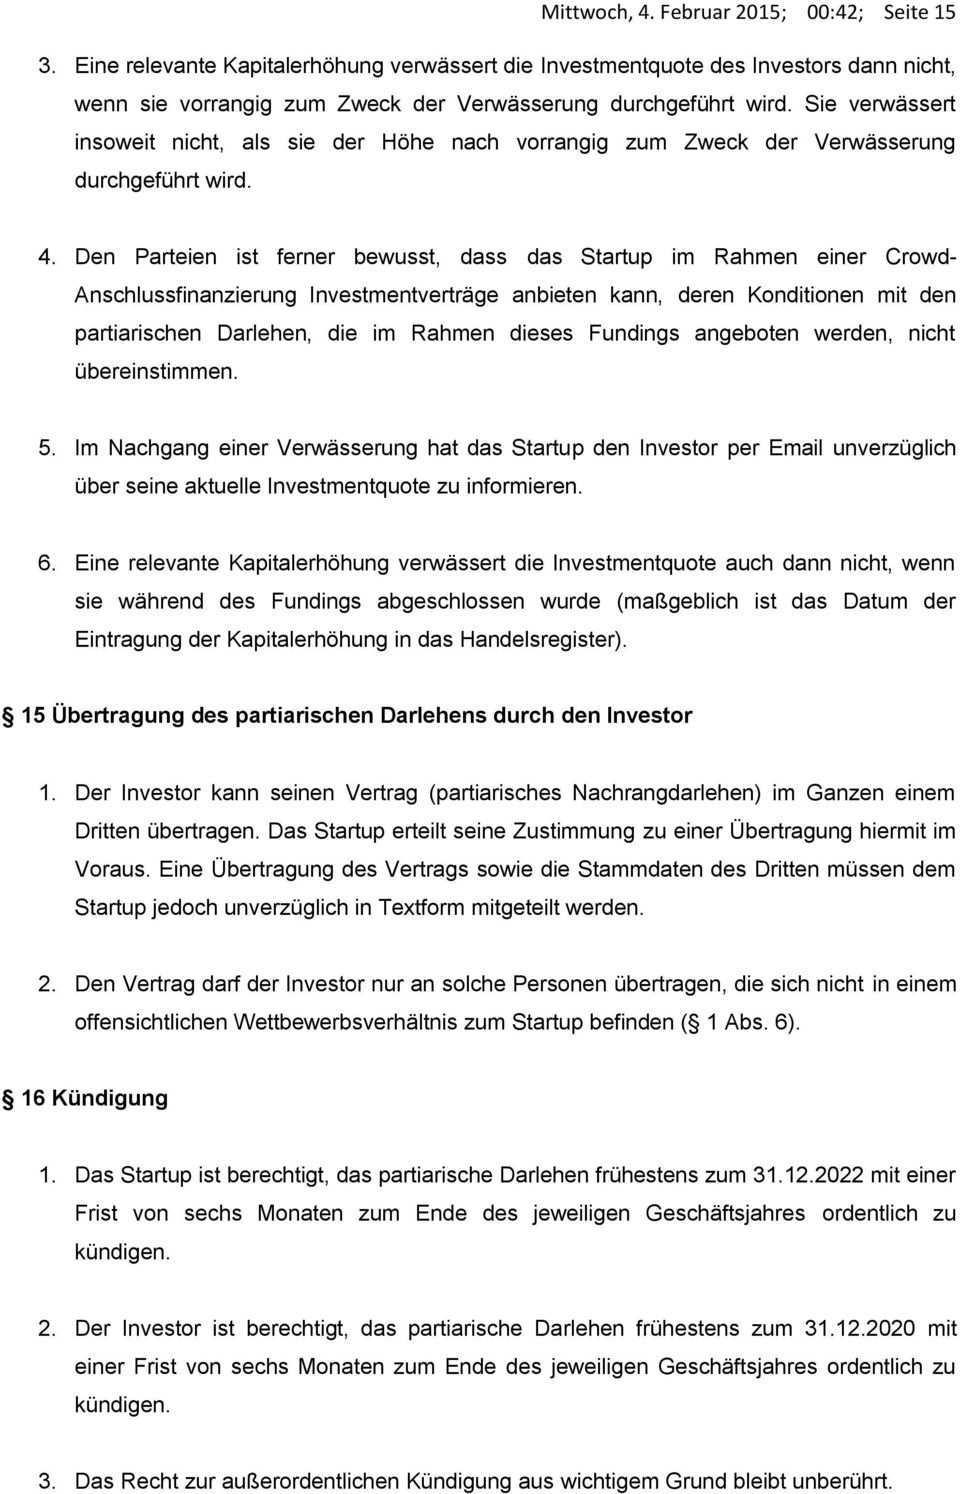 Investmentvertrag In Form Eines Partiarischen Nachrangdarlehens Nachfolgend Der Vertrag Pdf Free Download